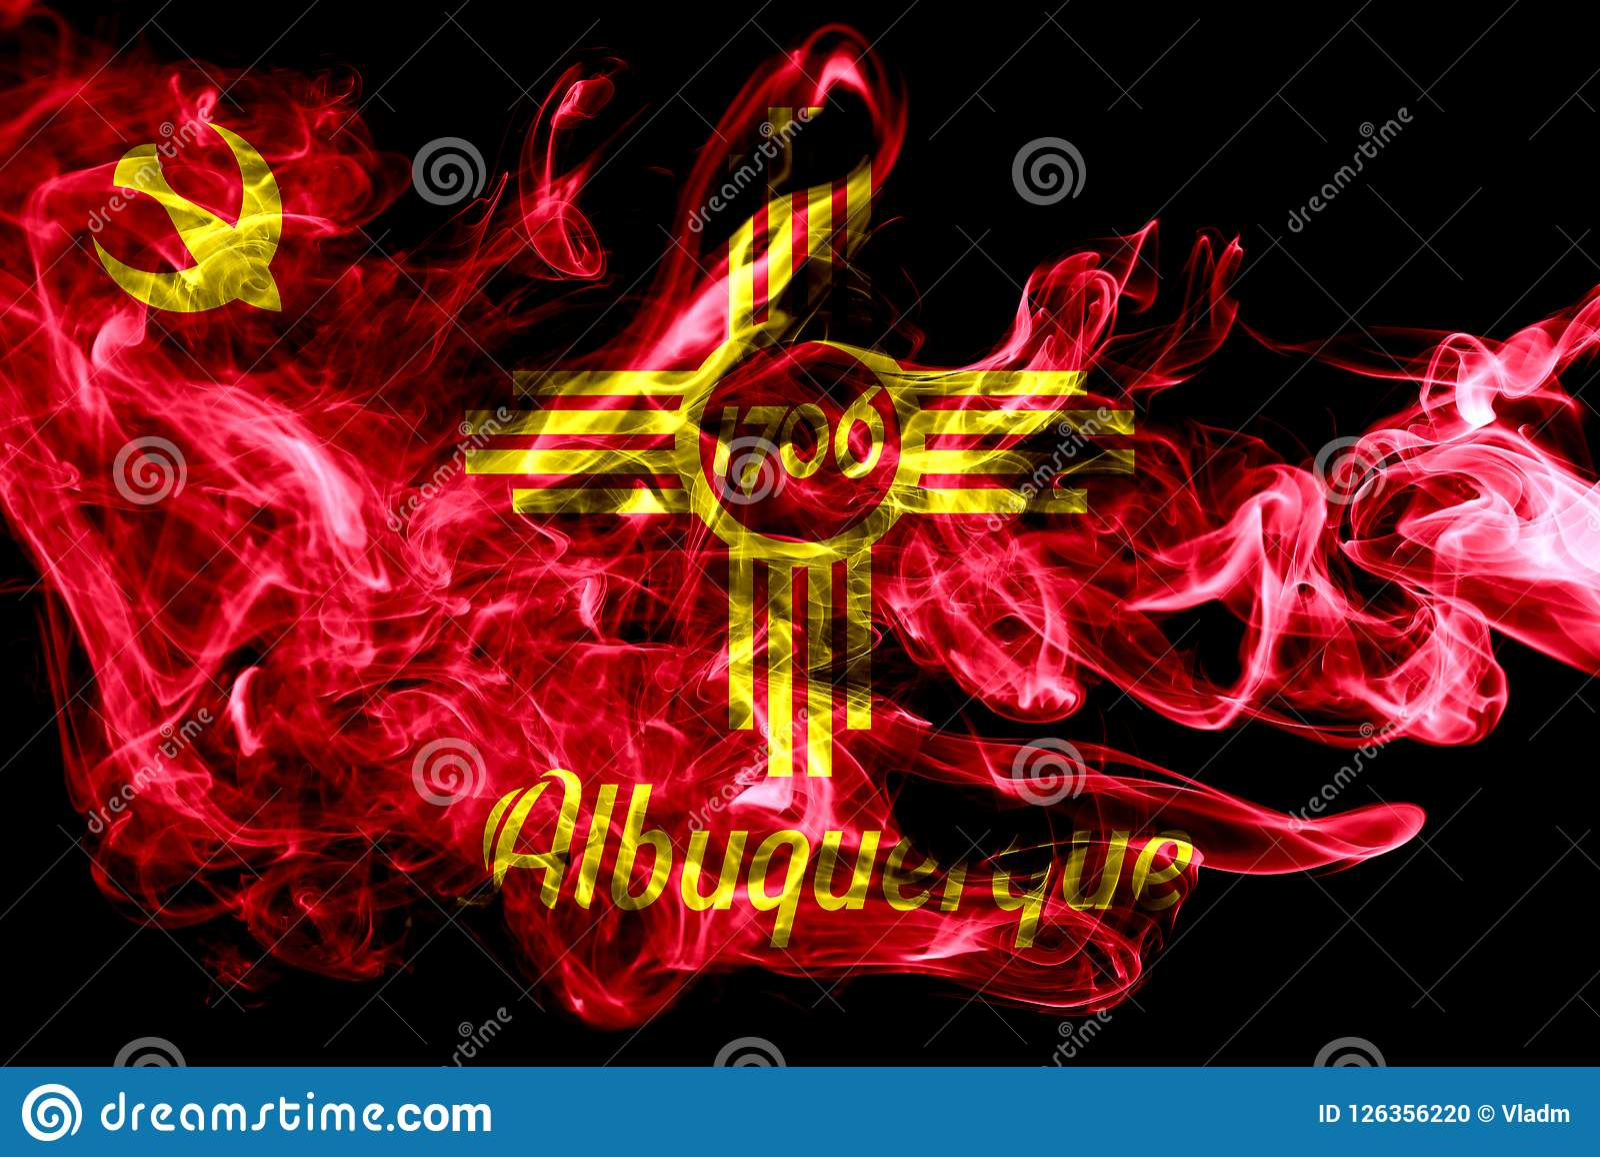 Bandera del humo de la ciudad de Albuquerque, estado de New México, Estados Unidos de